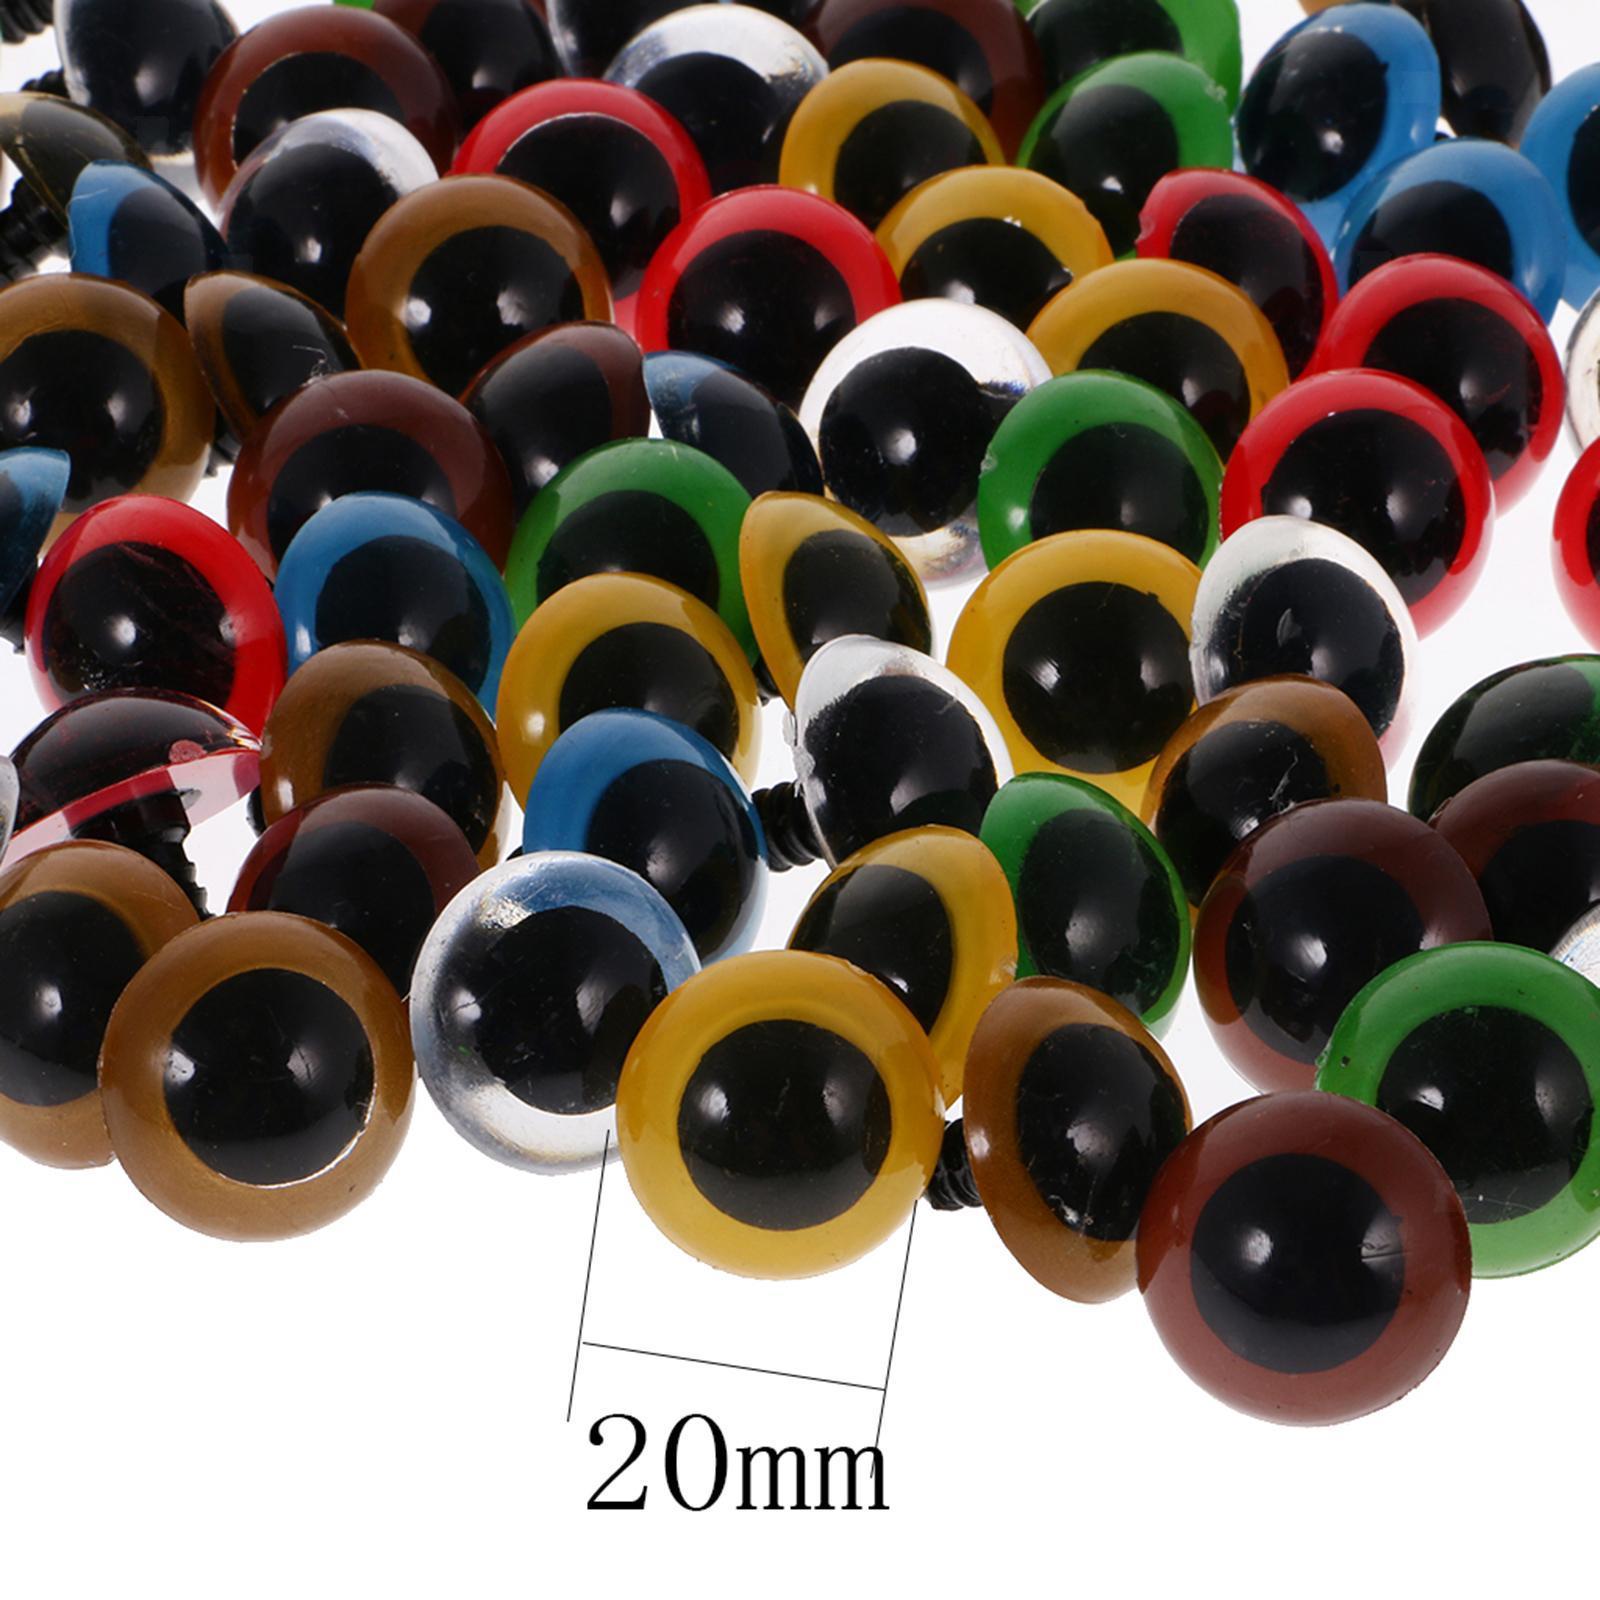 Yeux-de-Securite-Plastique-Plastique-Pour-DIY-Fabrication-Poupee-8-20mm-100Pcs miniature 29